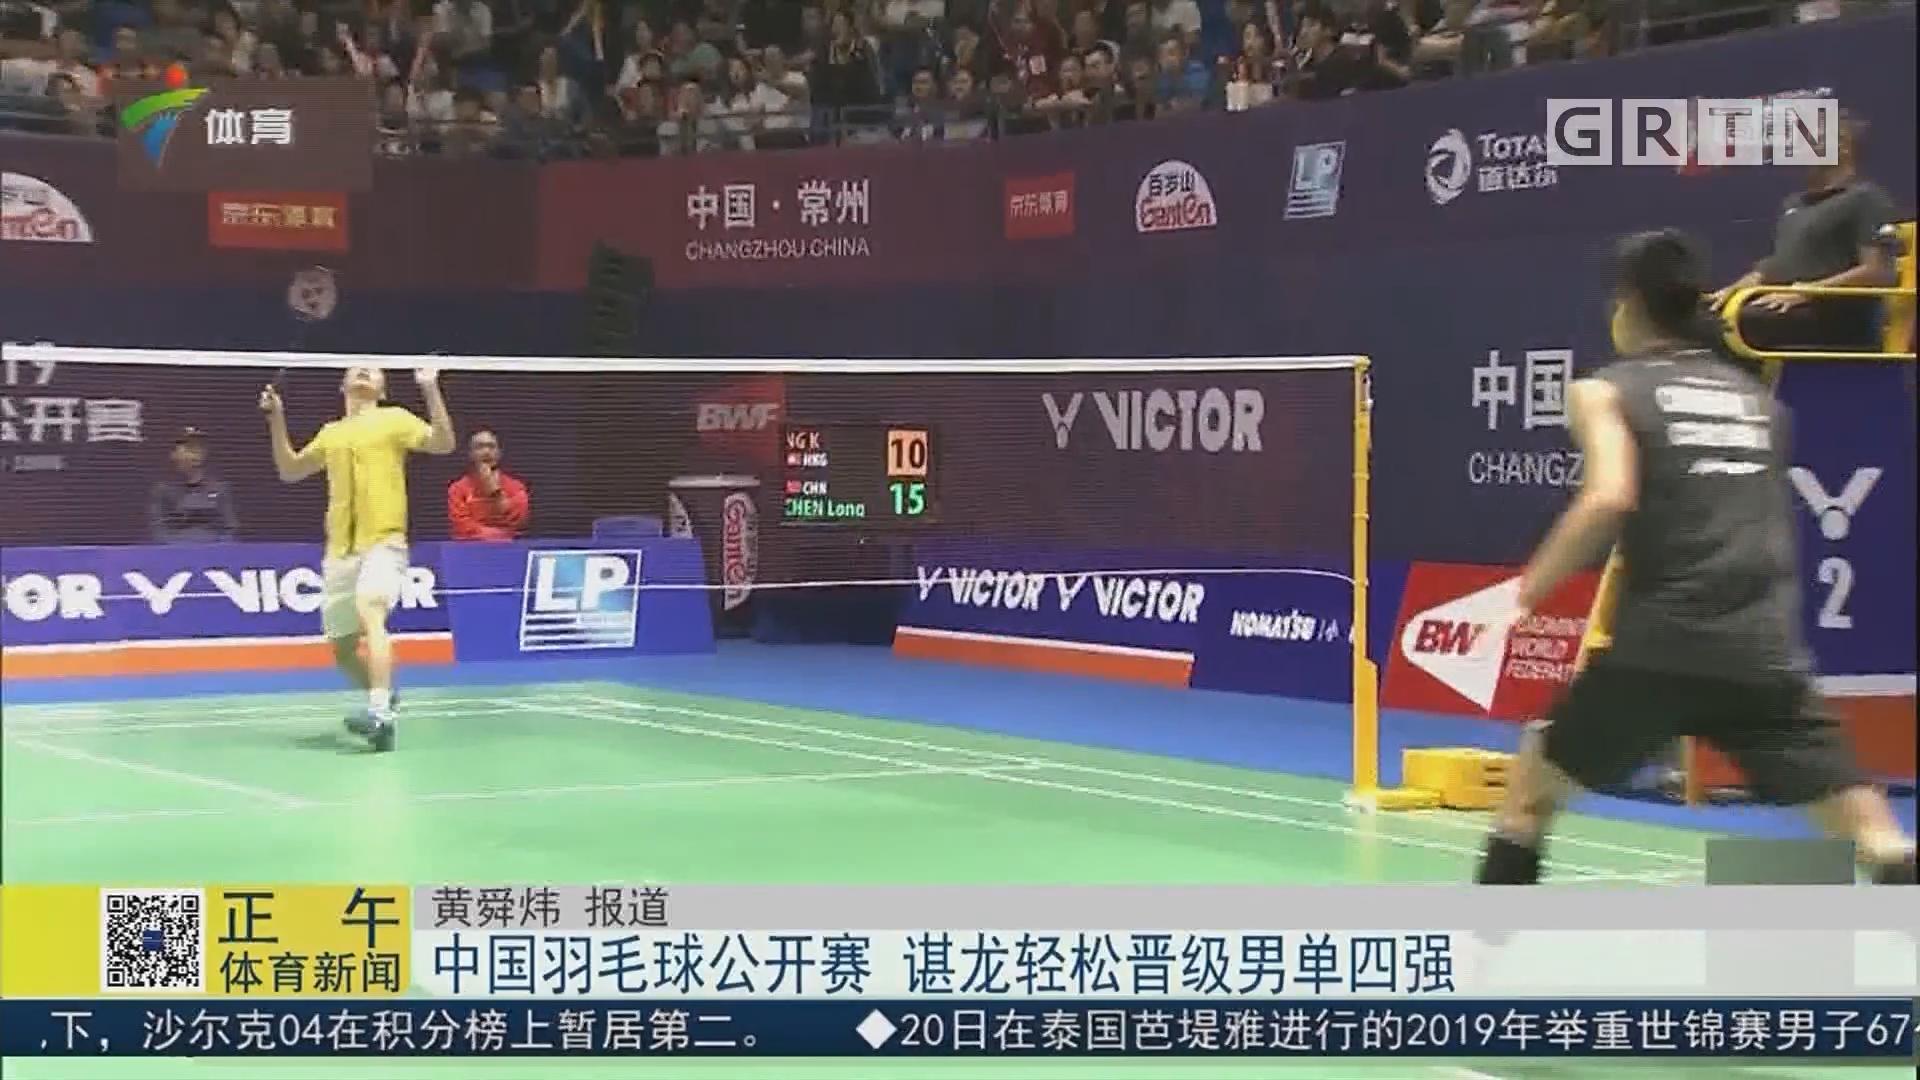 中国羽毛球公开赛 谌龙轻松晋级男单四强